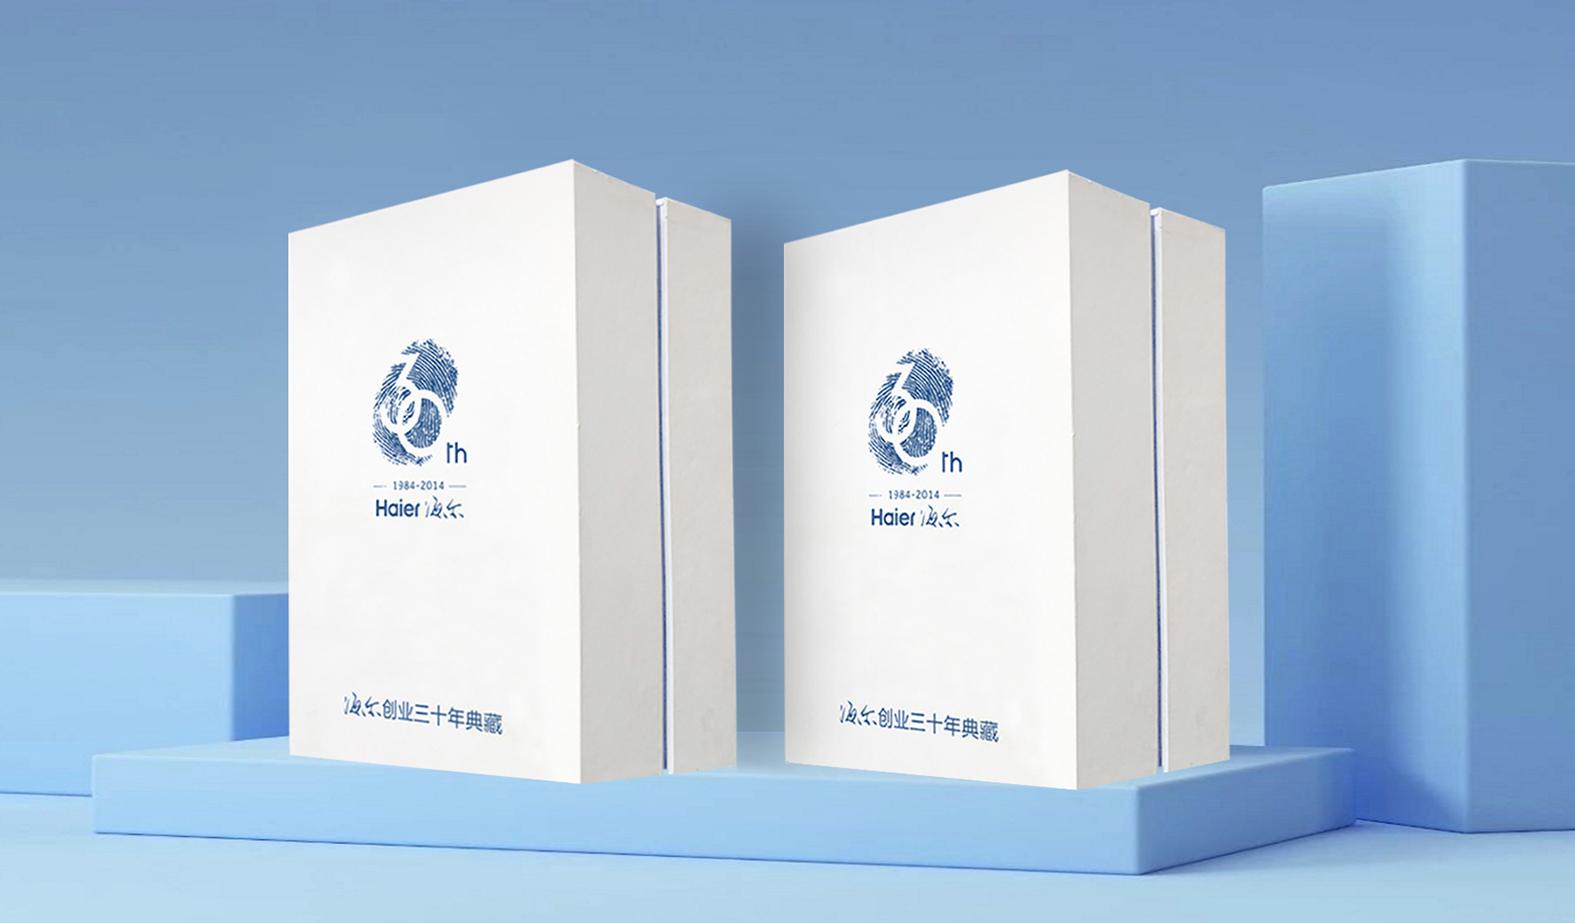 海尔集团公司创业三十周年典藏----包装盒定制